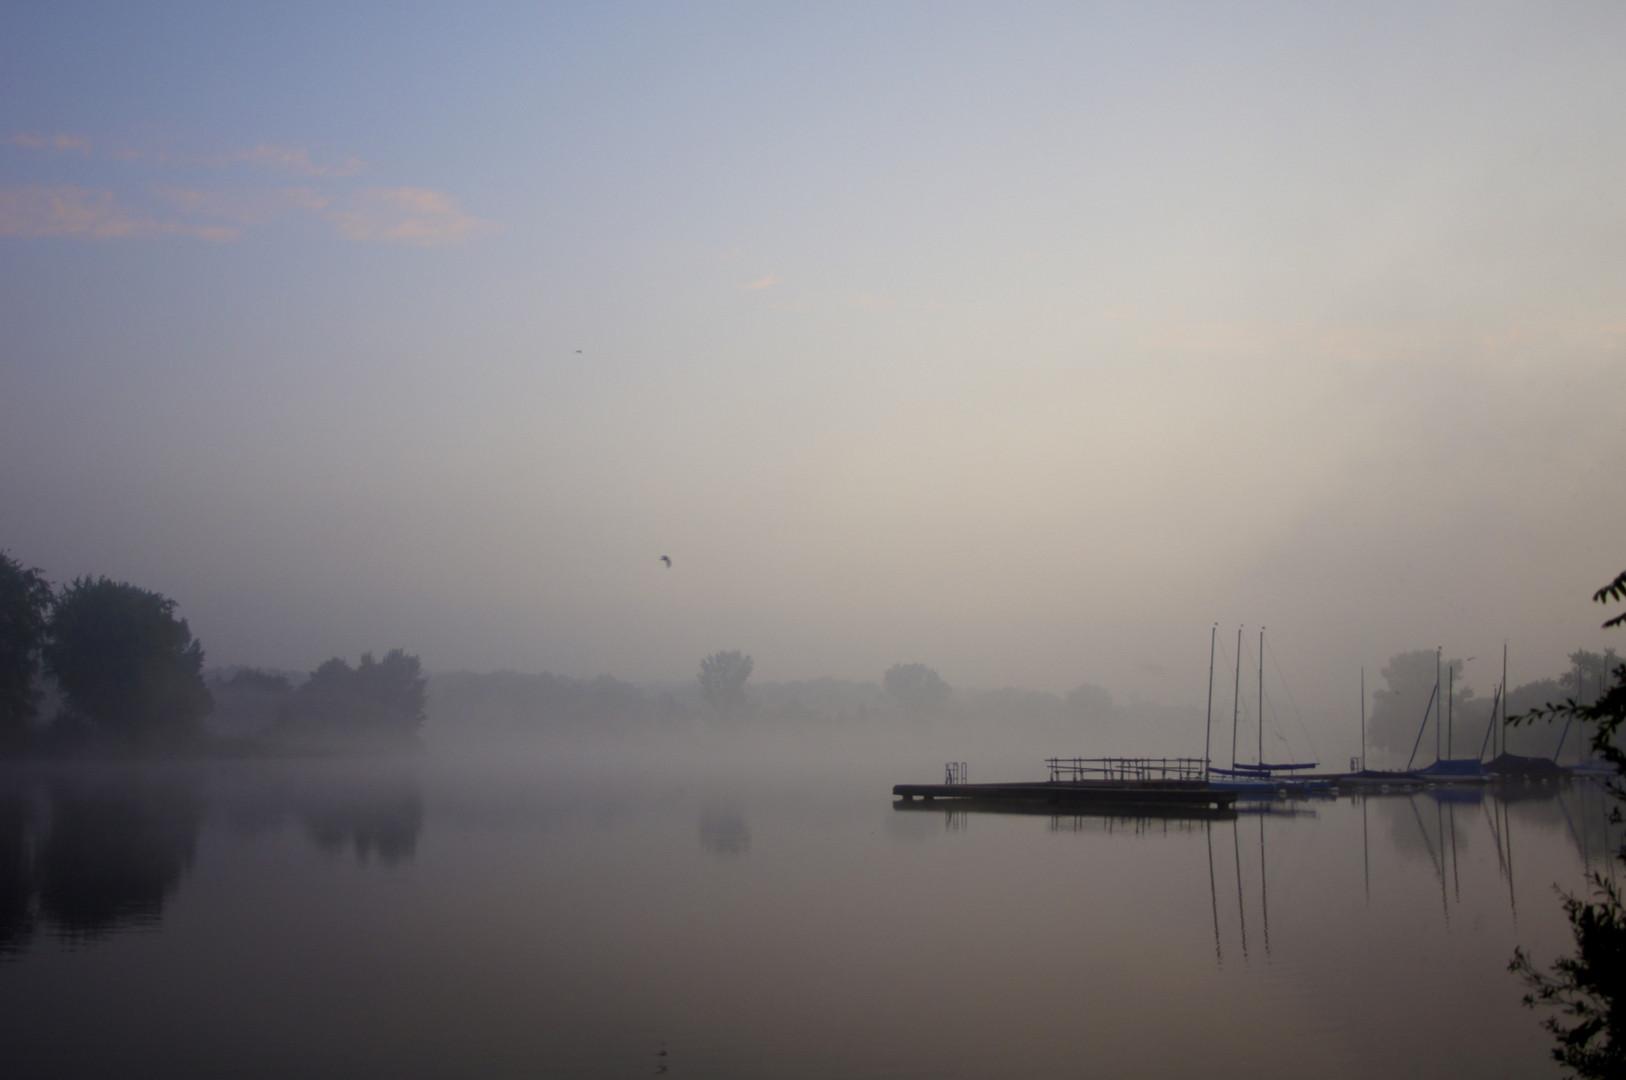 Aasee im Nebel